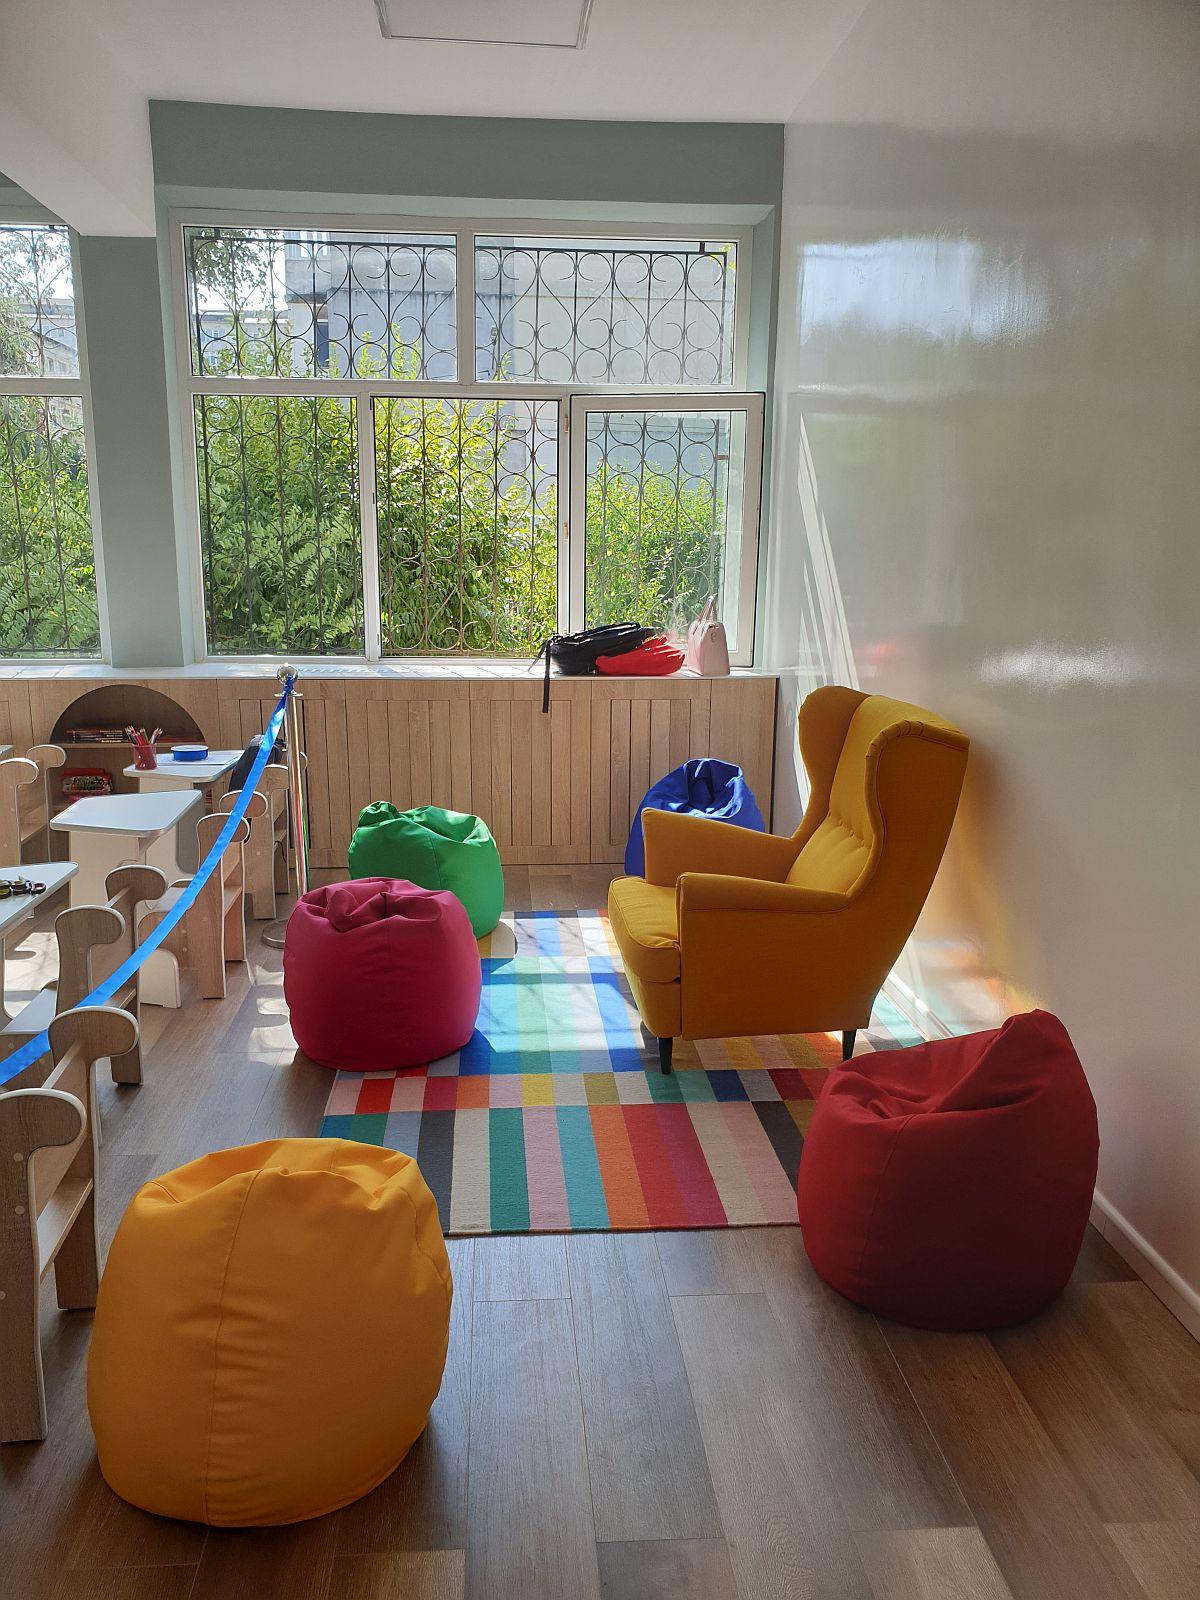 La intrarea în clasă, prima zonă care se vede este cea de lectură. Copii pot sta pe covor și pe pufuri pentru a asculta poveștile citite de către doamna învățătoare.